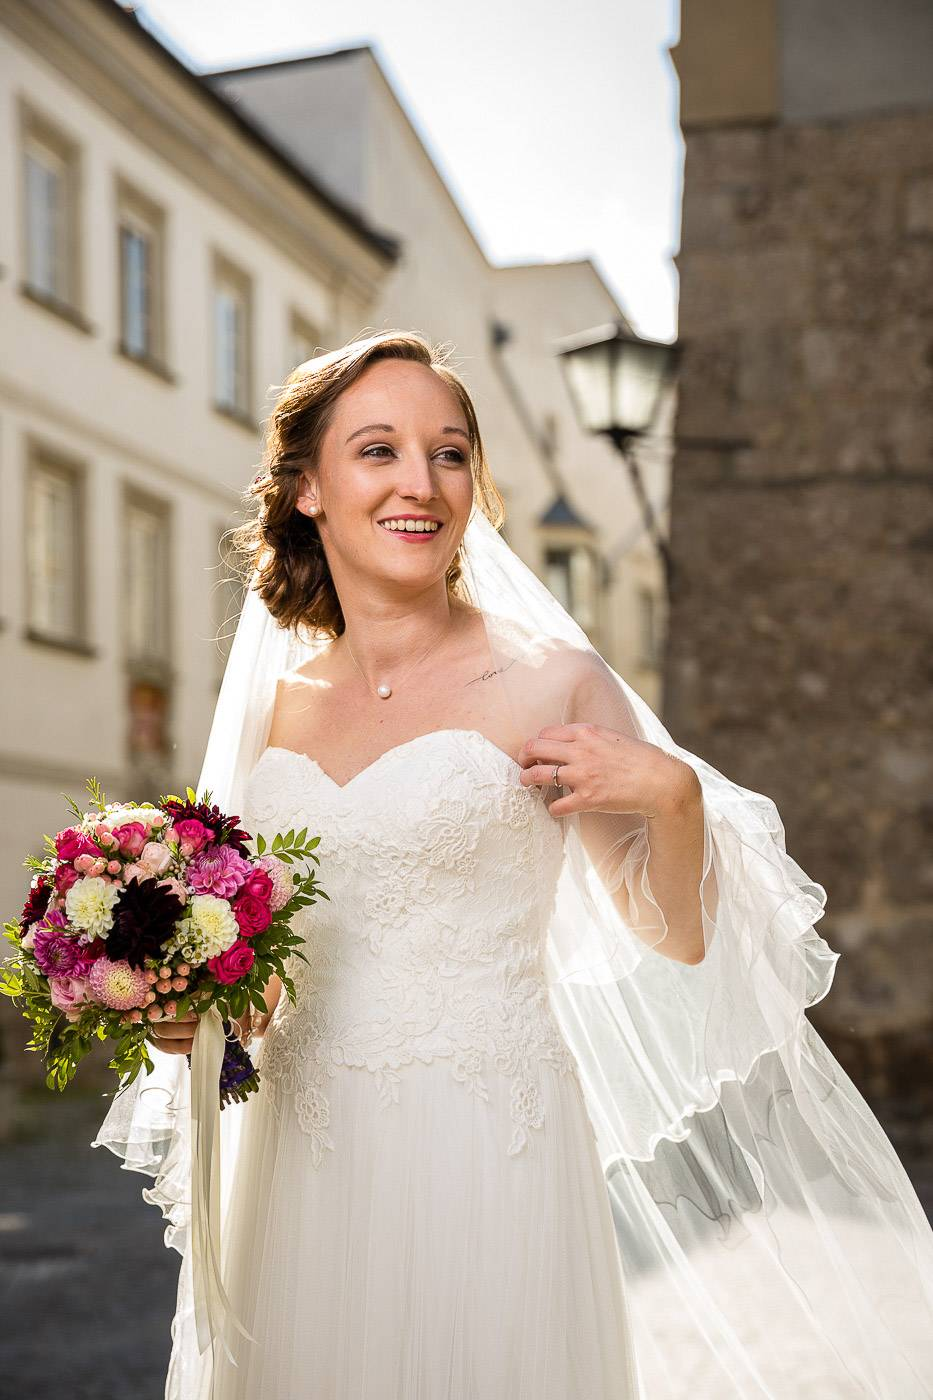 aschenputtel-hochzeitsfotograf-brautportrait-innsbruck-tirol